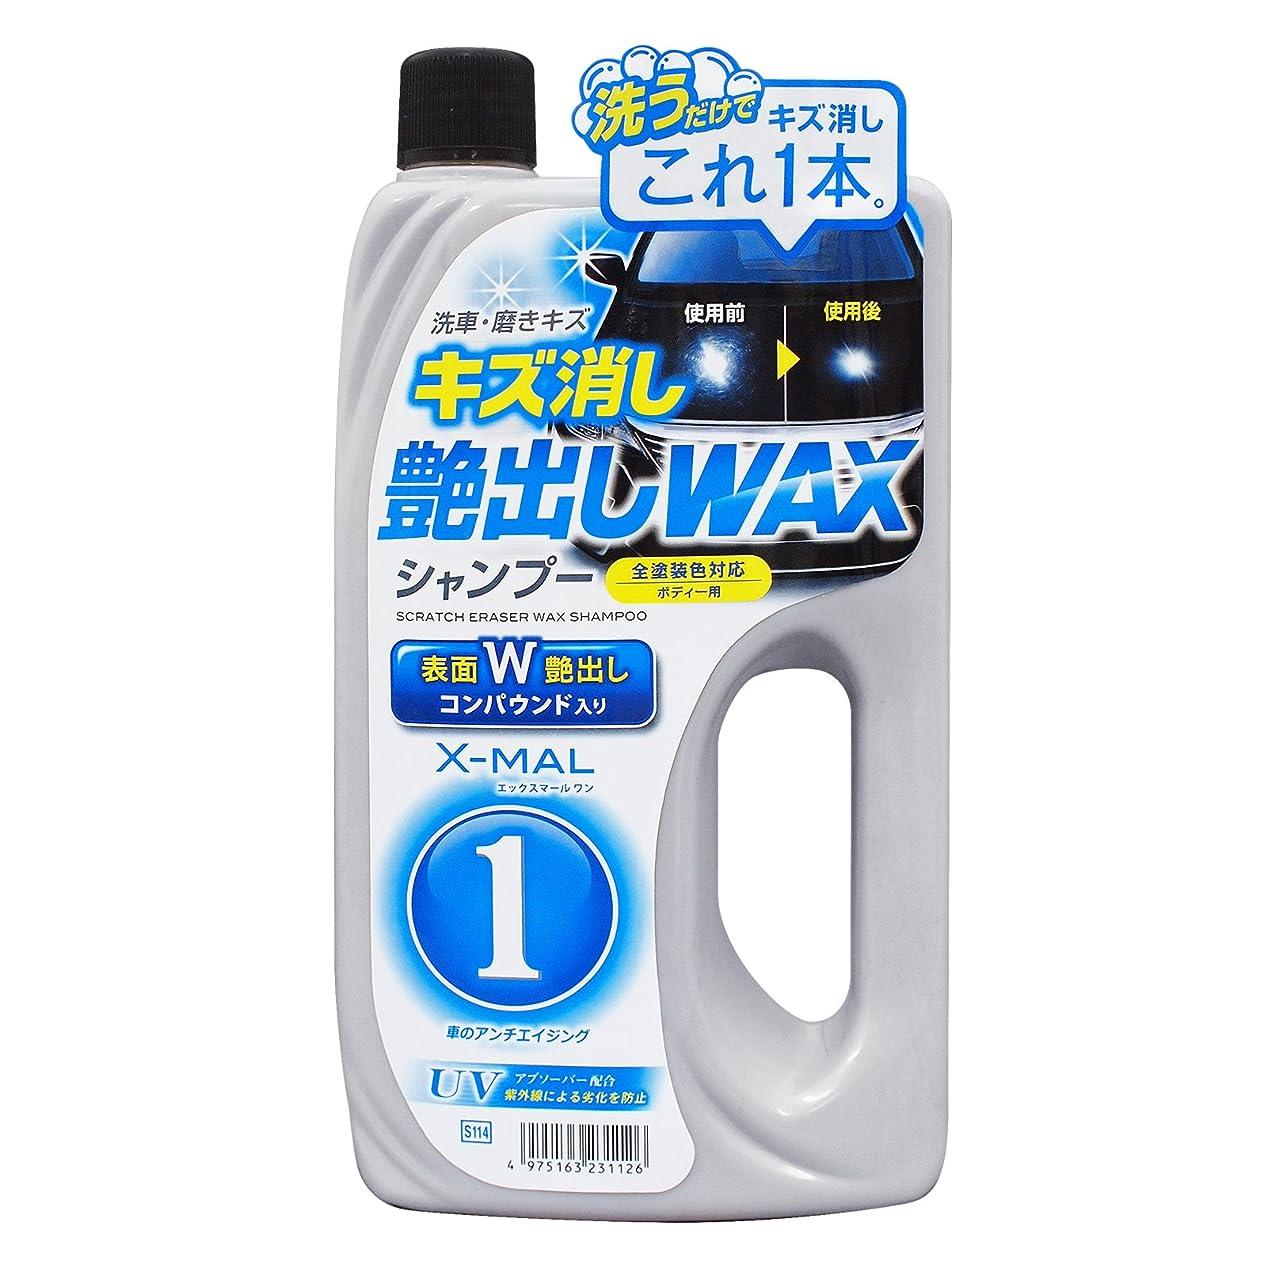 者外向き斧PROSTAFF(プロスタッフ) 洗車用品 エックスマールワン キズ消しWAXシャンプー S114